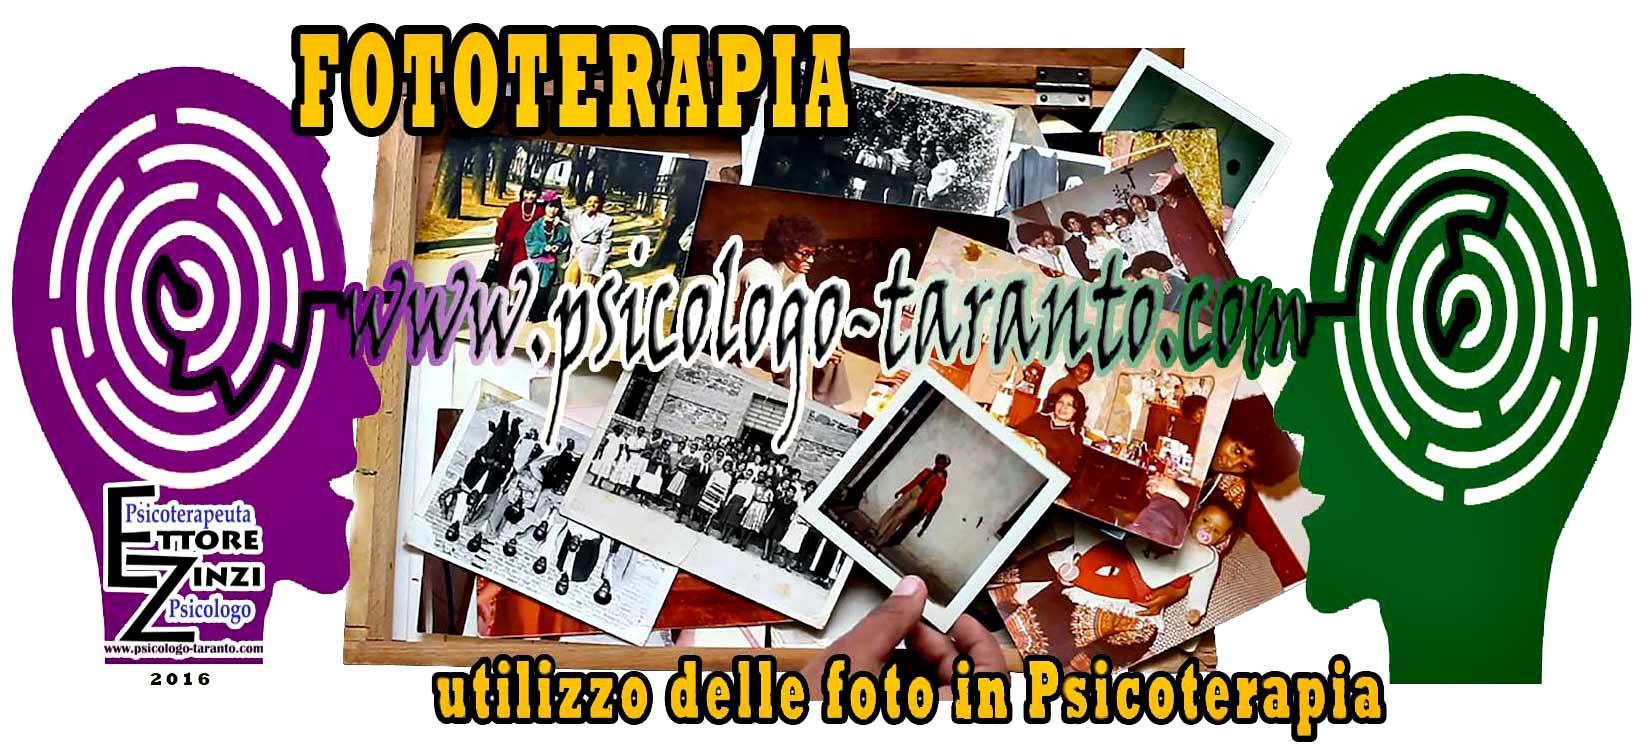 LA FOTOTERAPIA. L'utilizzo delle foto in psicoterapia, utile strumento per rileggere la propria storia.